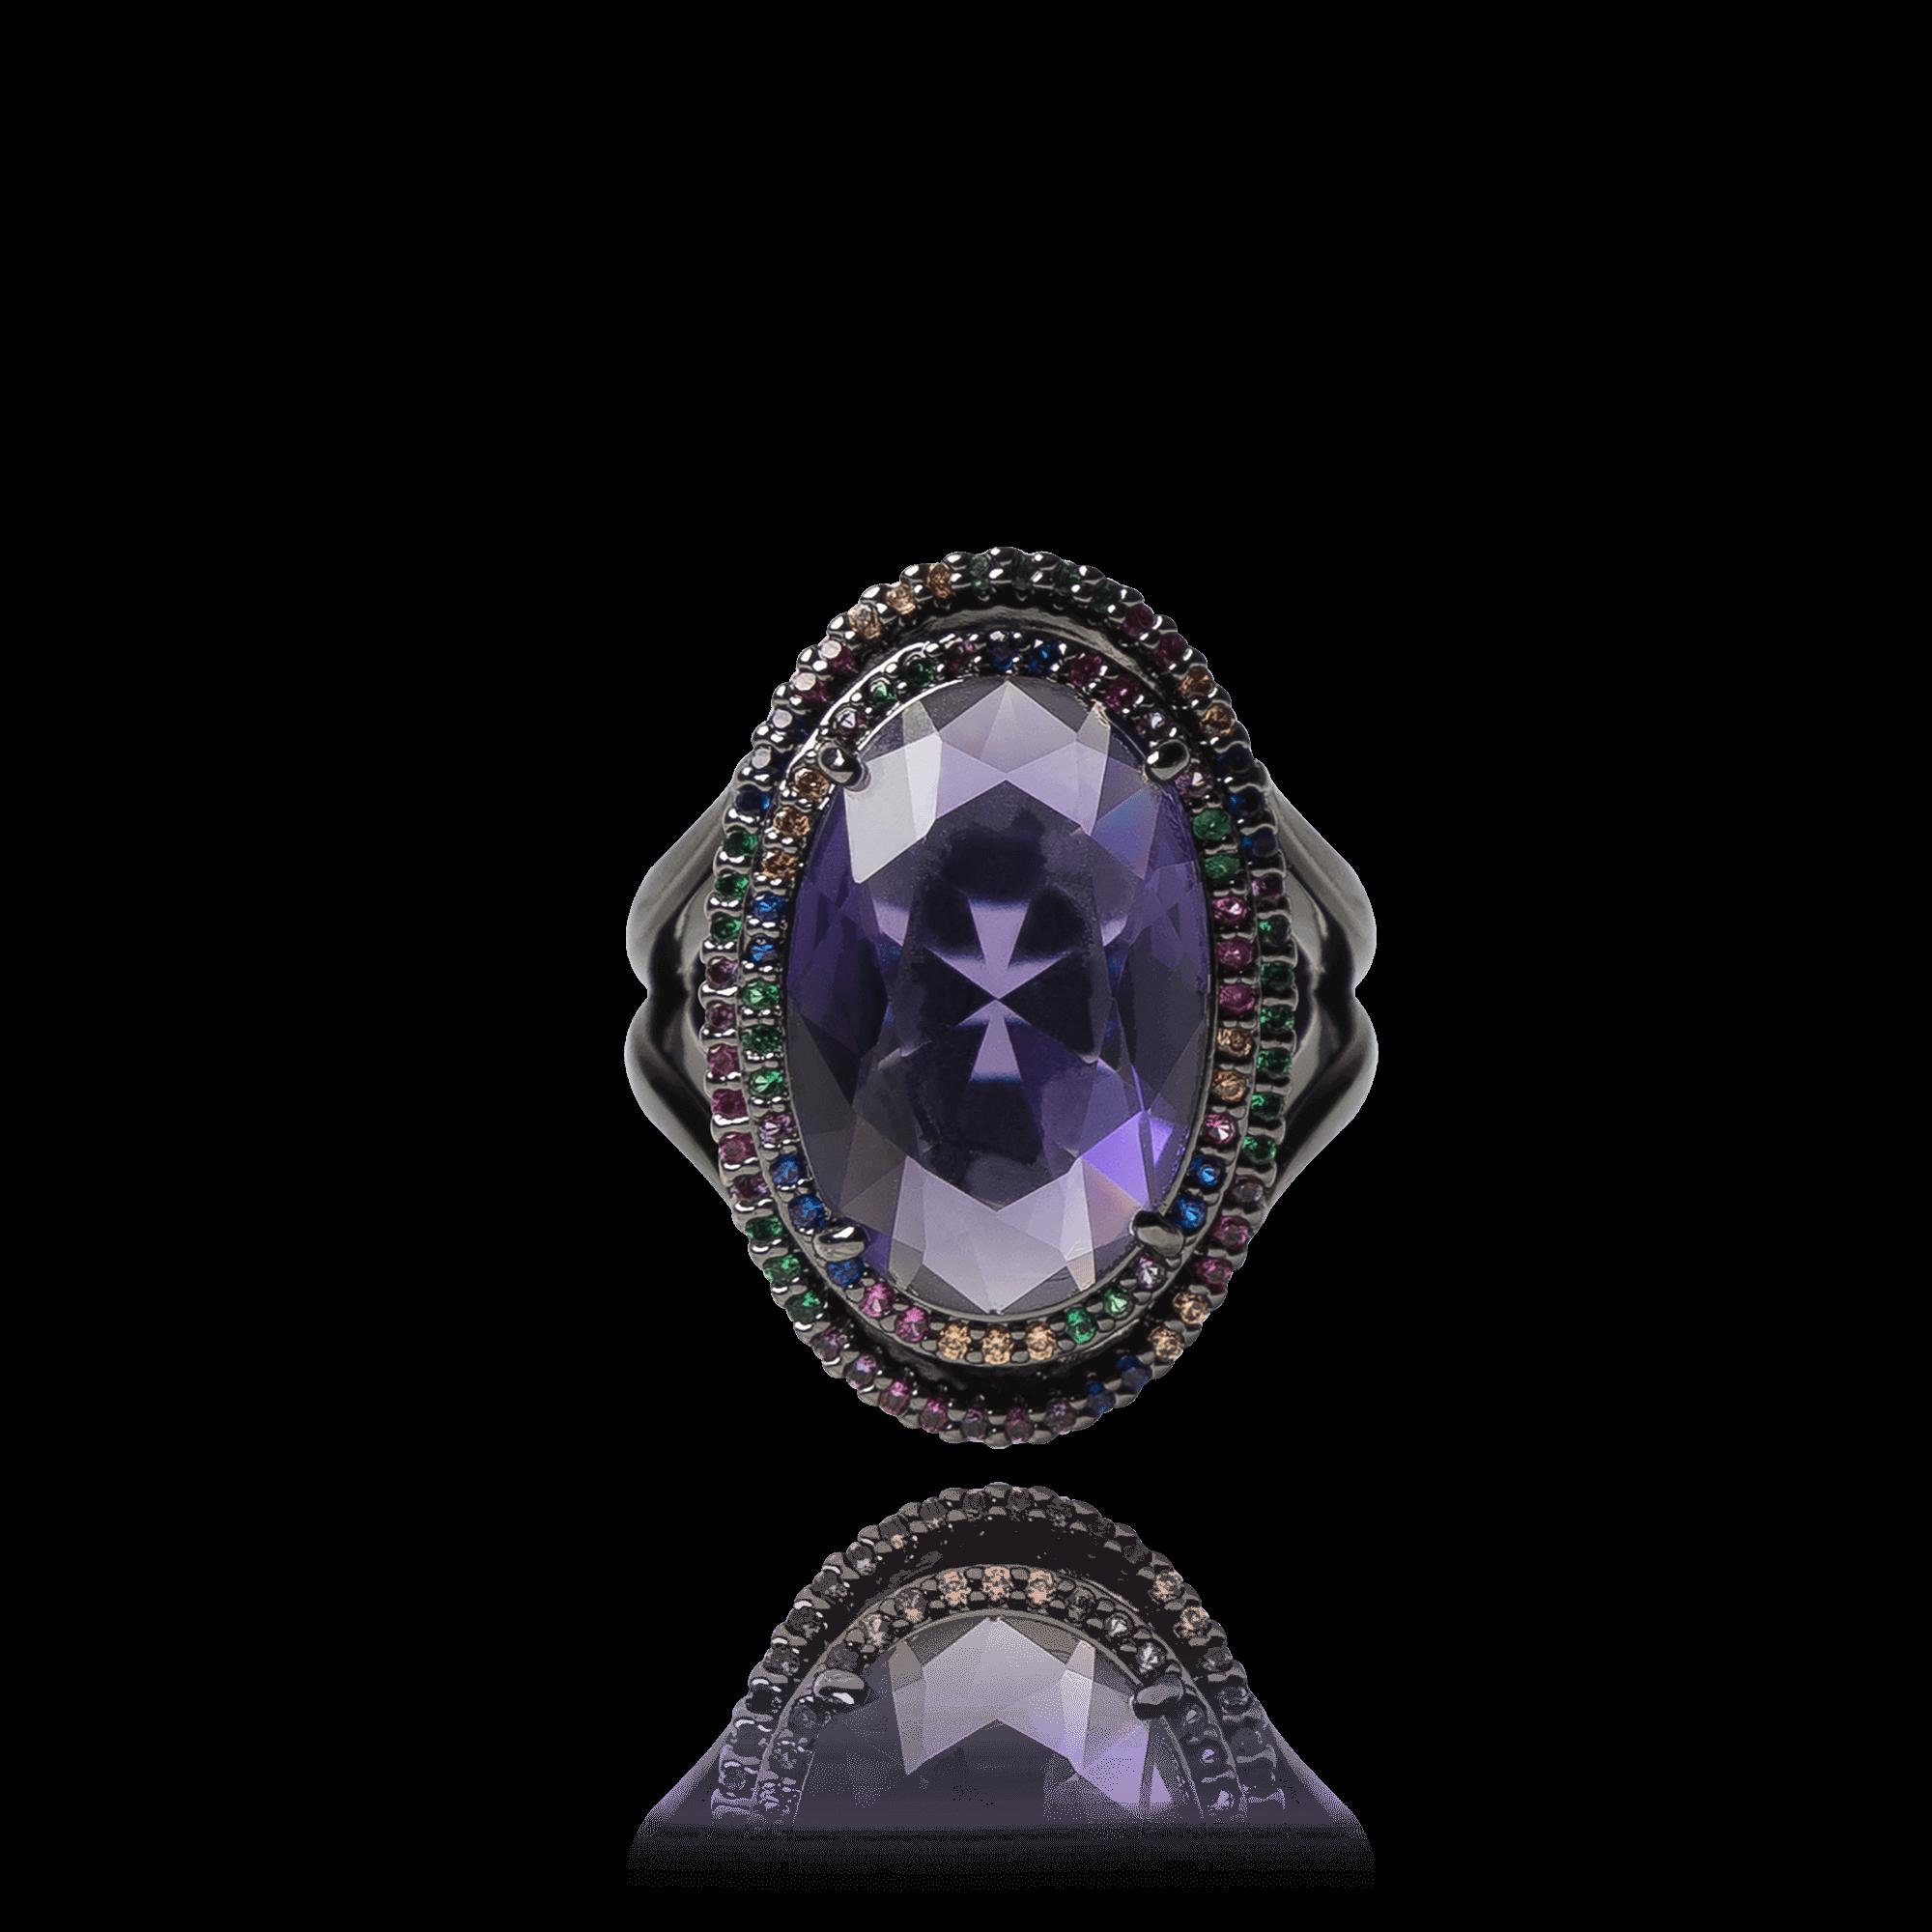 Anel Cristal Roxo com Zirconias Coloridas